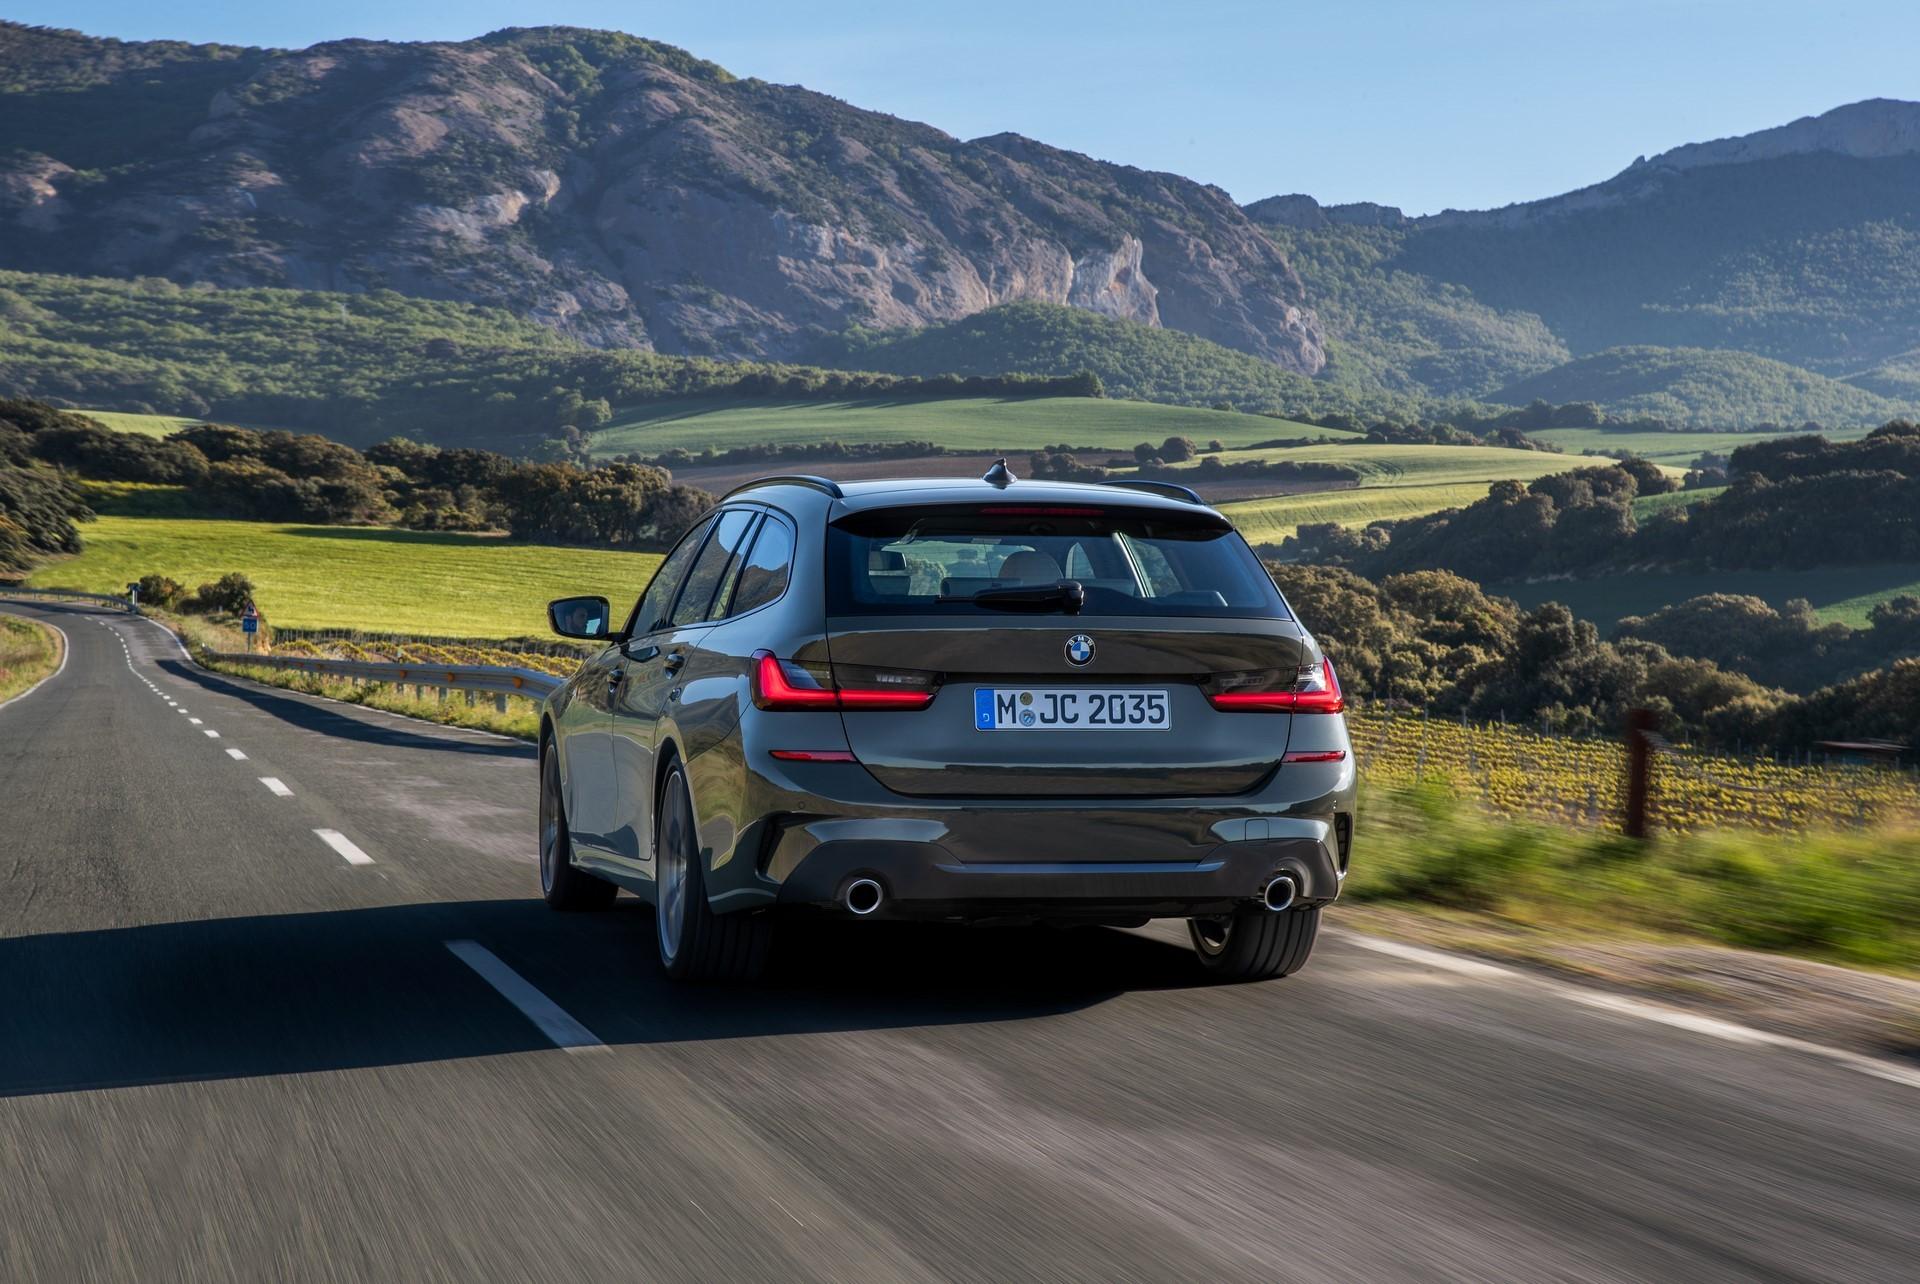 BMW-3-Series-Touring-2019-53